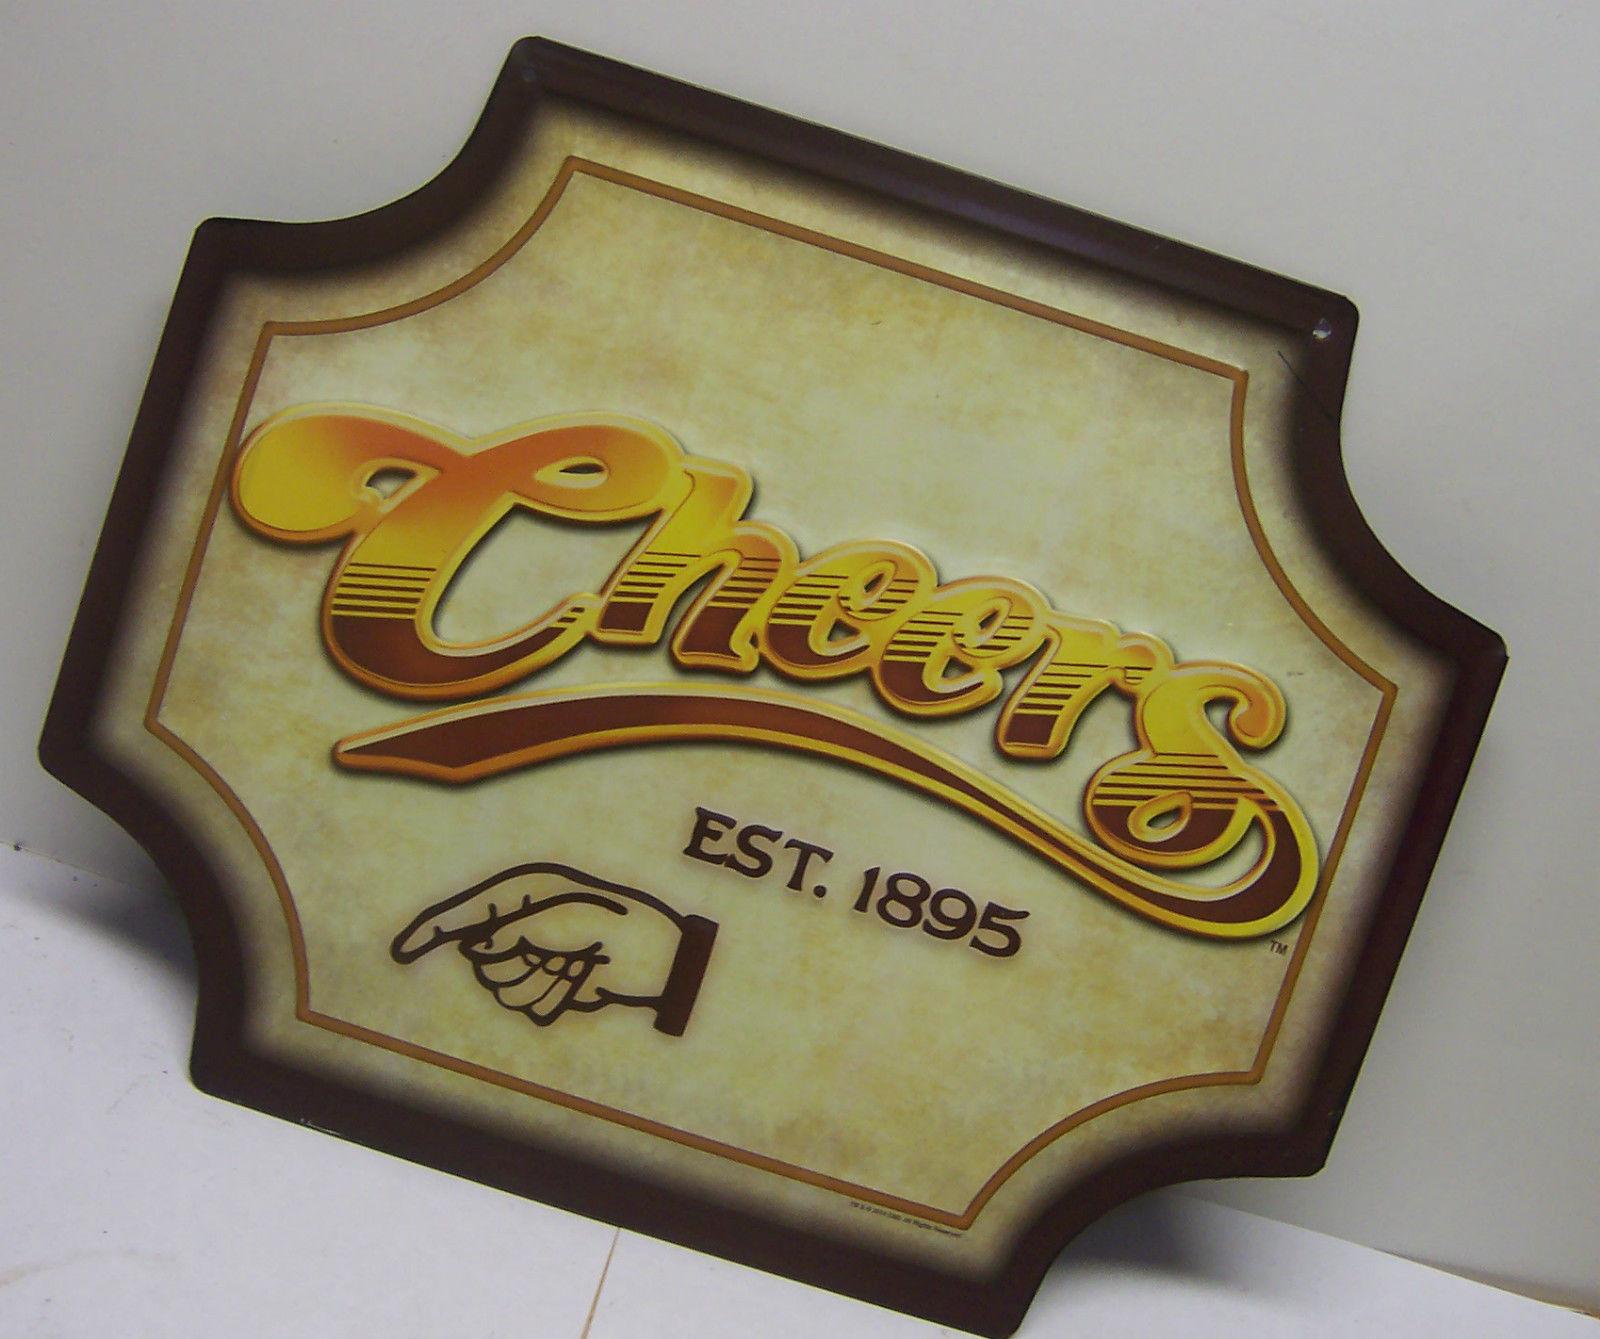 Cheers Bar Est 1895 Metal Sign